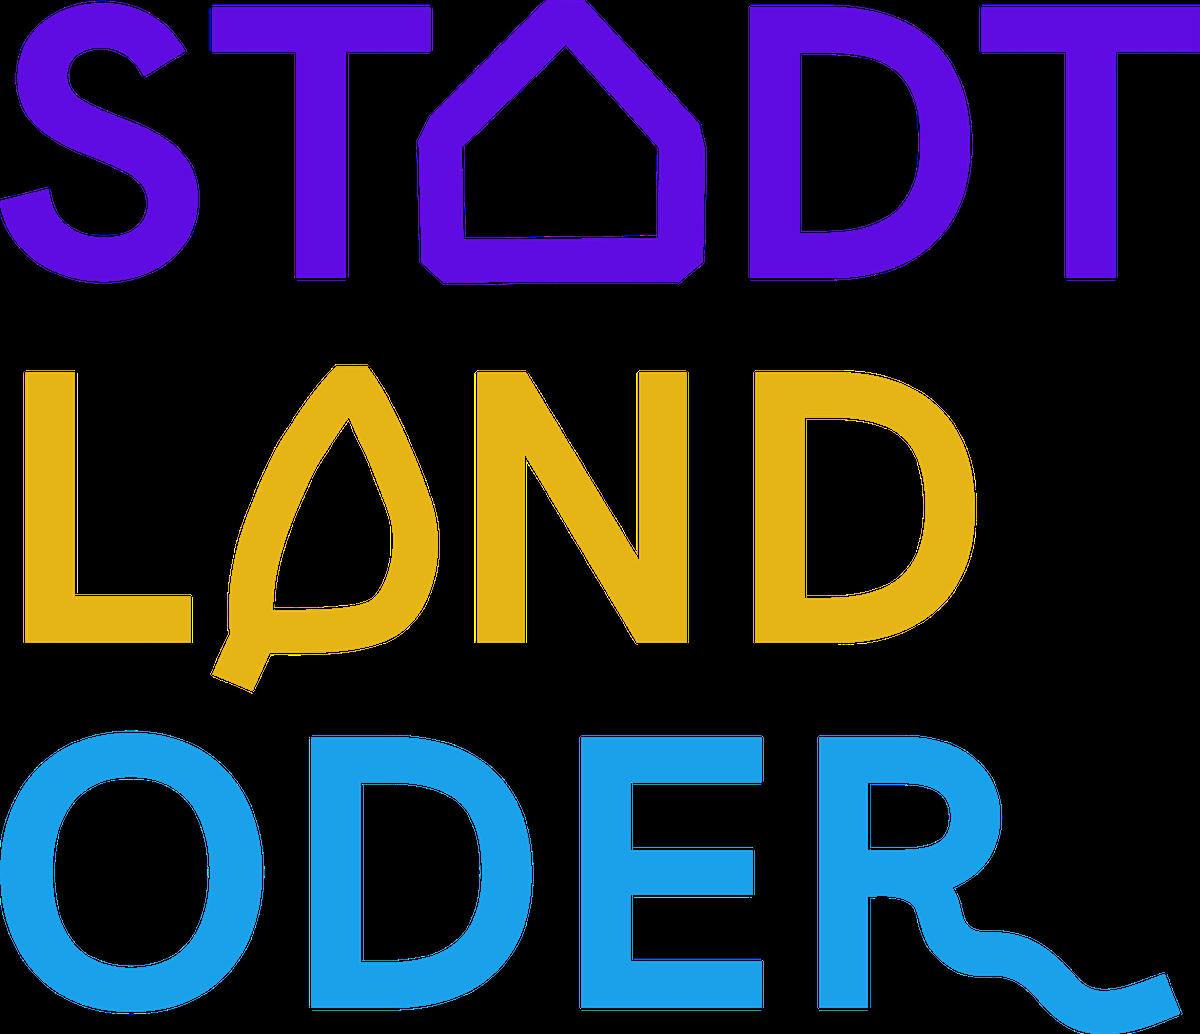 Stadt Land Oder